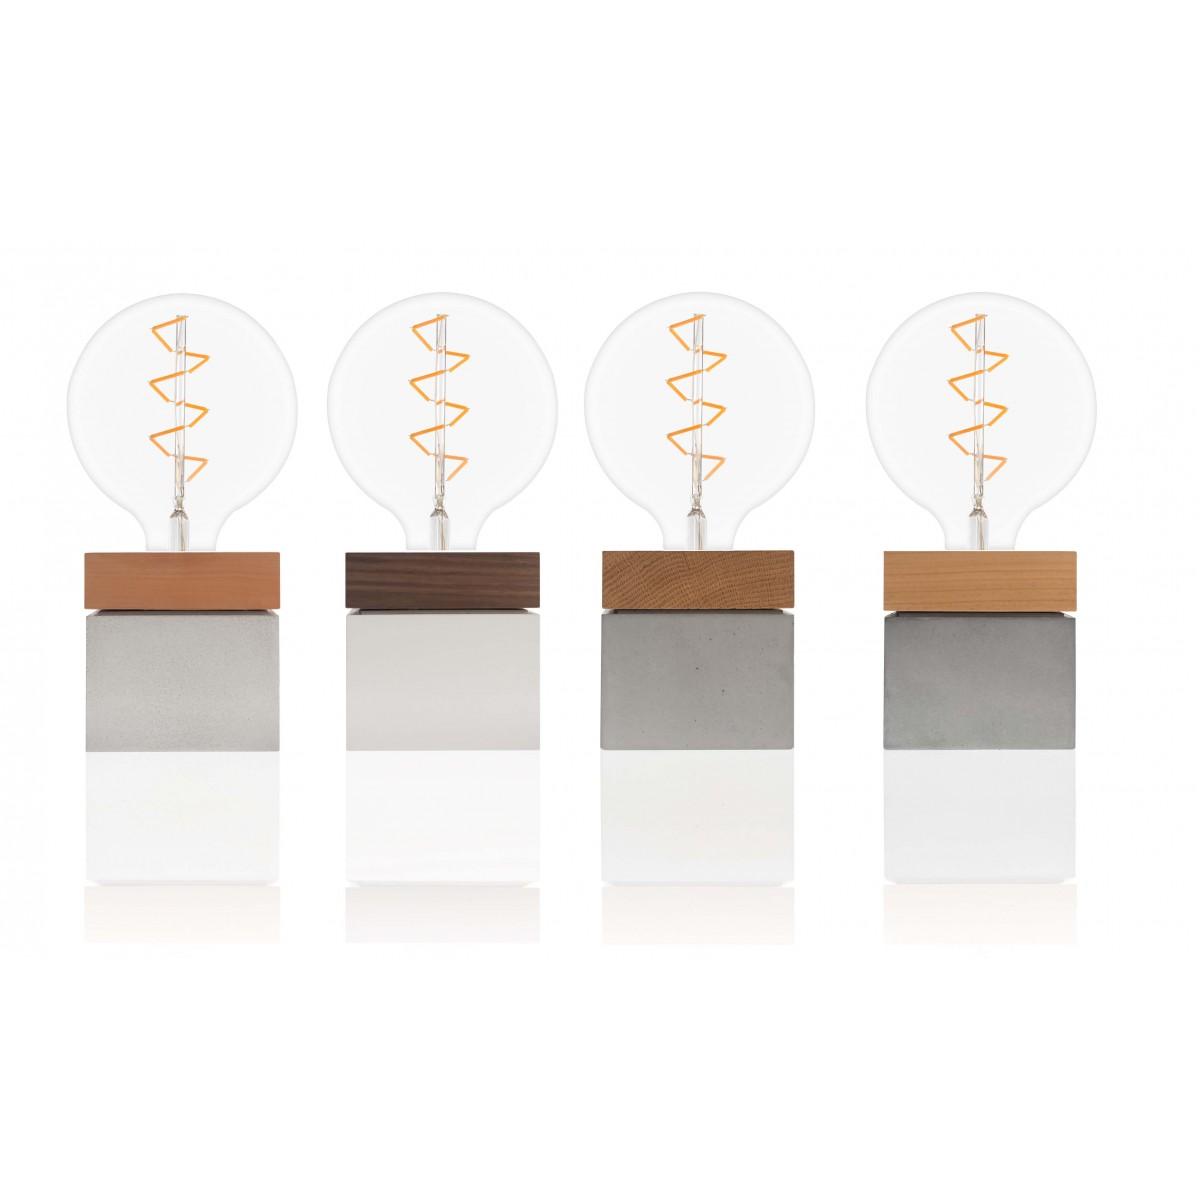 freiWERT Lampe aus Holz und Beton